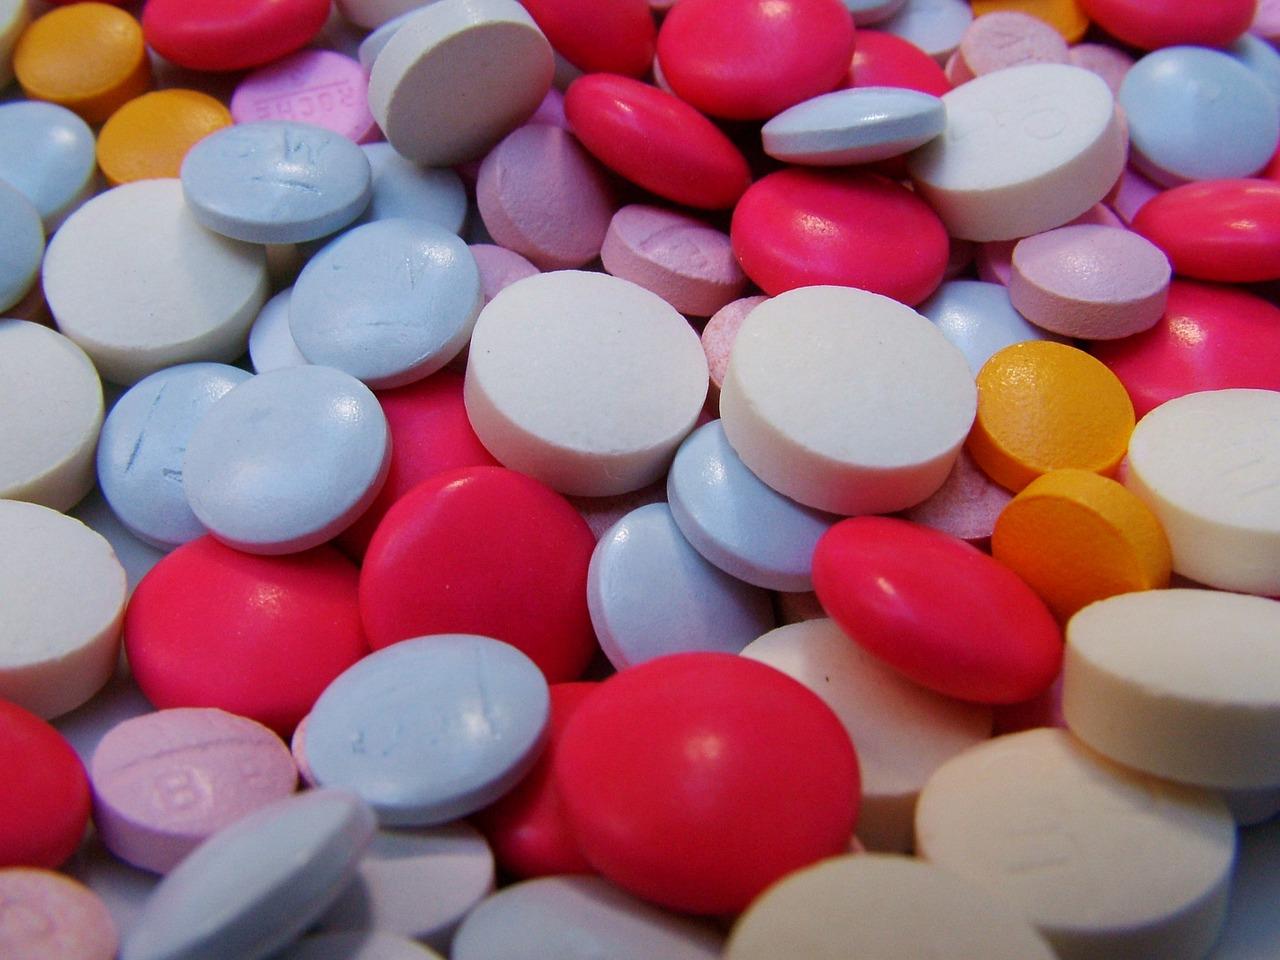 jak rozpoznać podrabiane leki